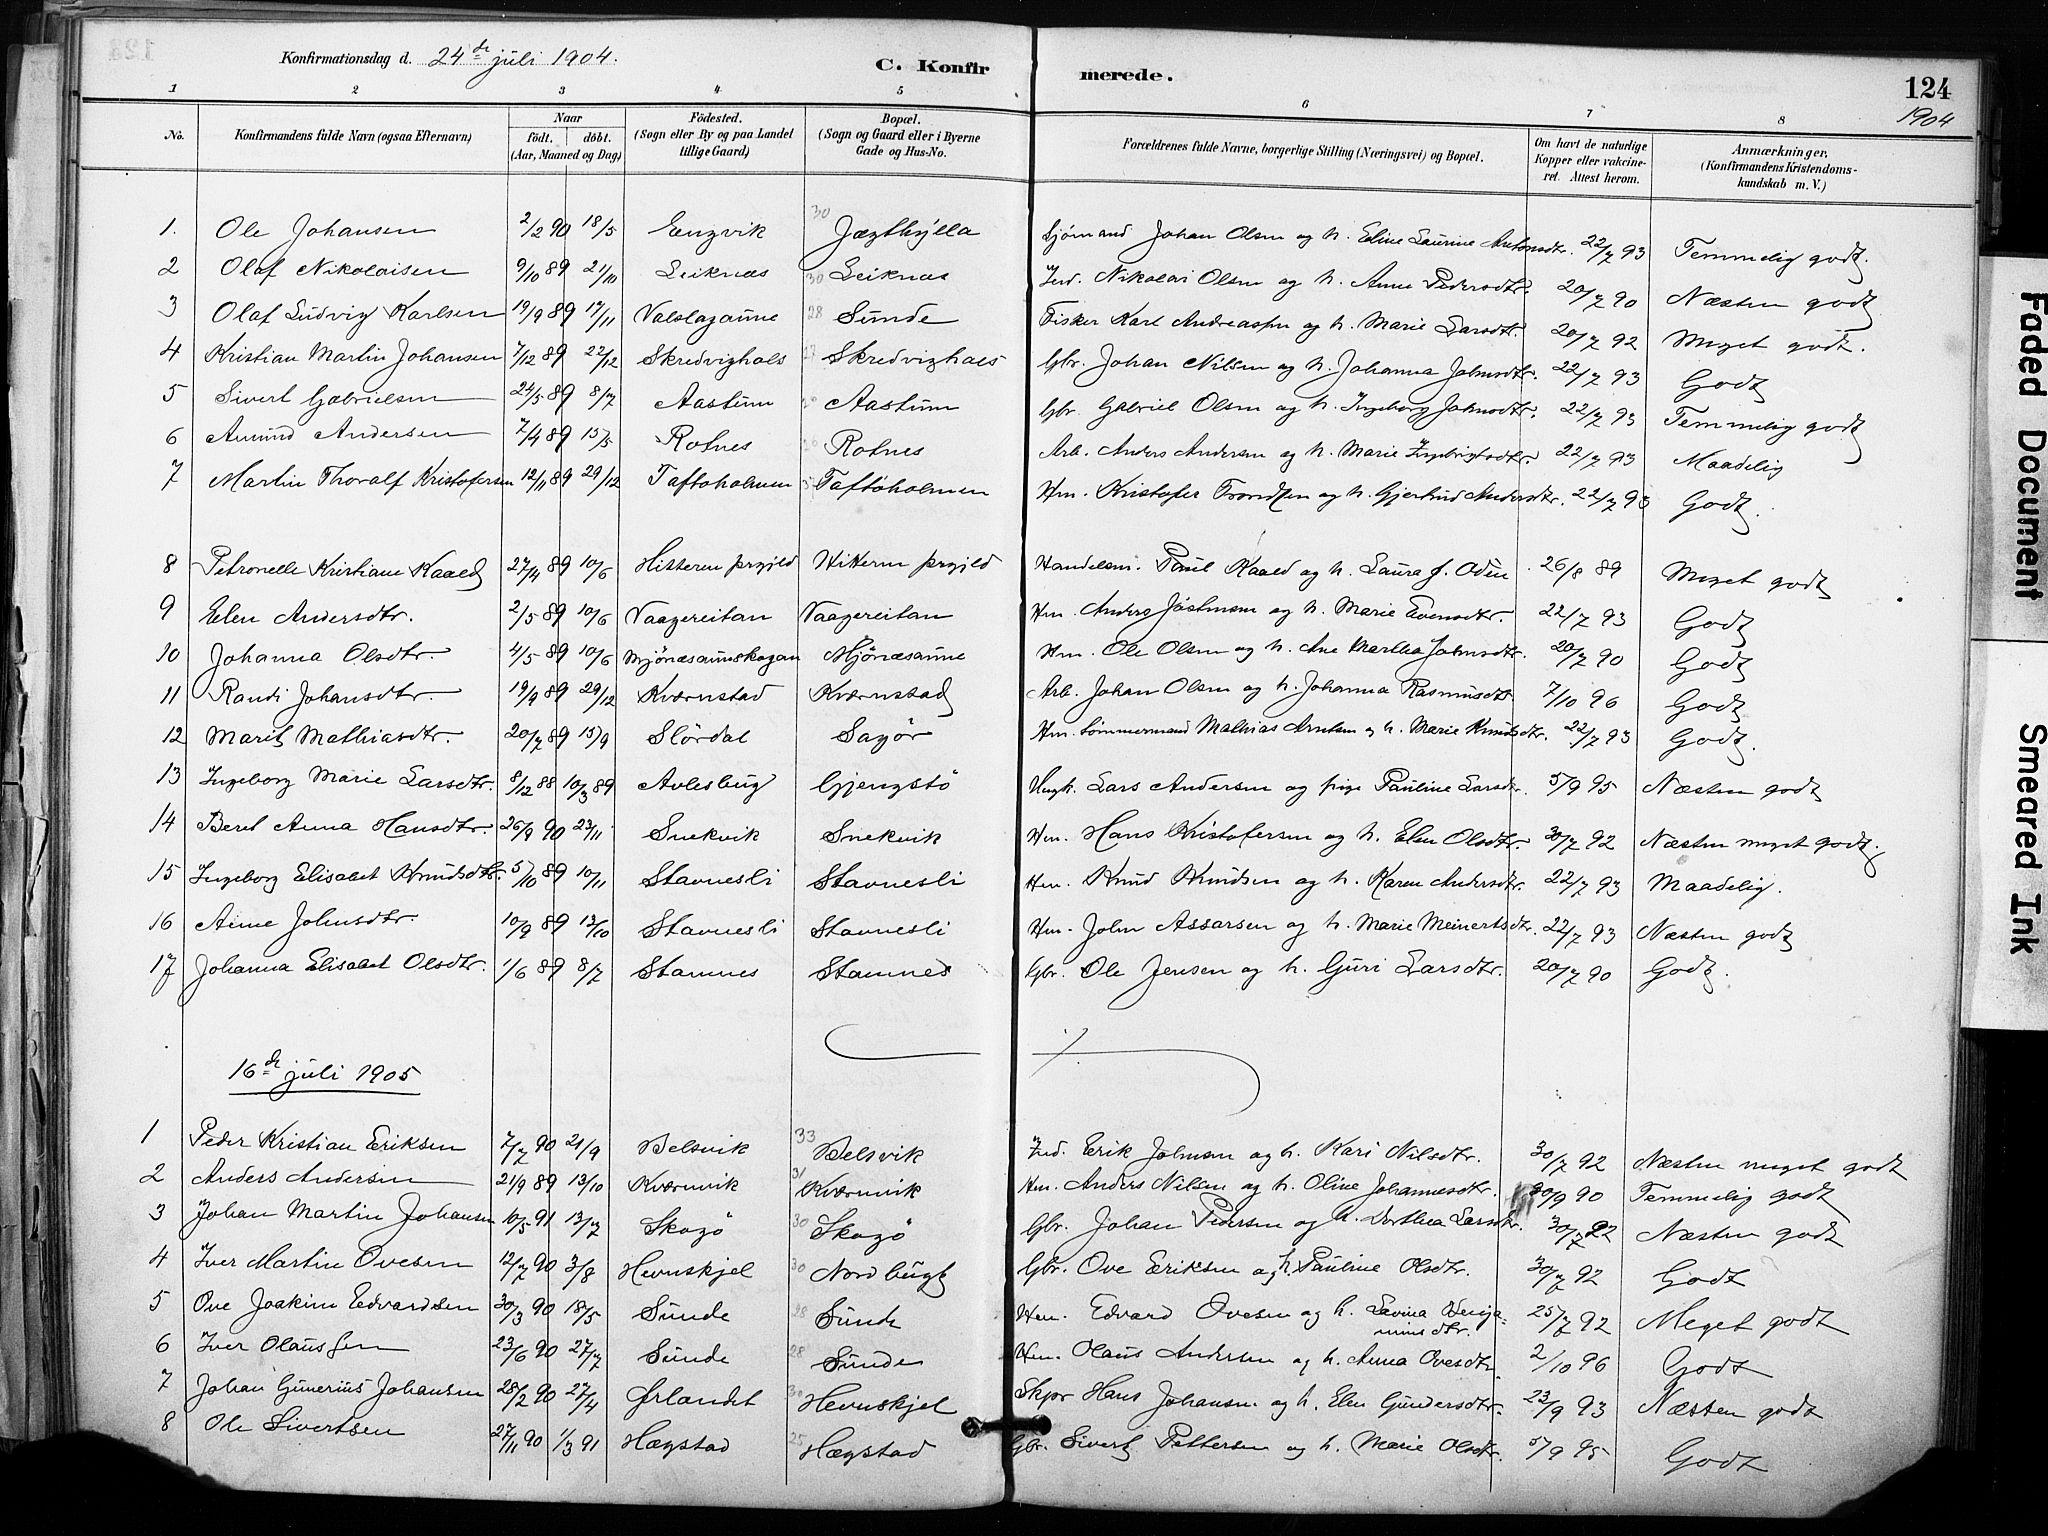 SAT, Ministerialprotokoller, klokkerbøker og fødselsregistre - Sør-Trøndelag, 633/L0518: Ministerialbok nr. 633A01, 1884-1906, s. 124